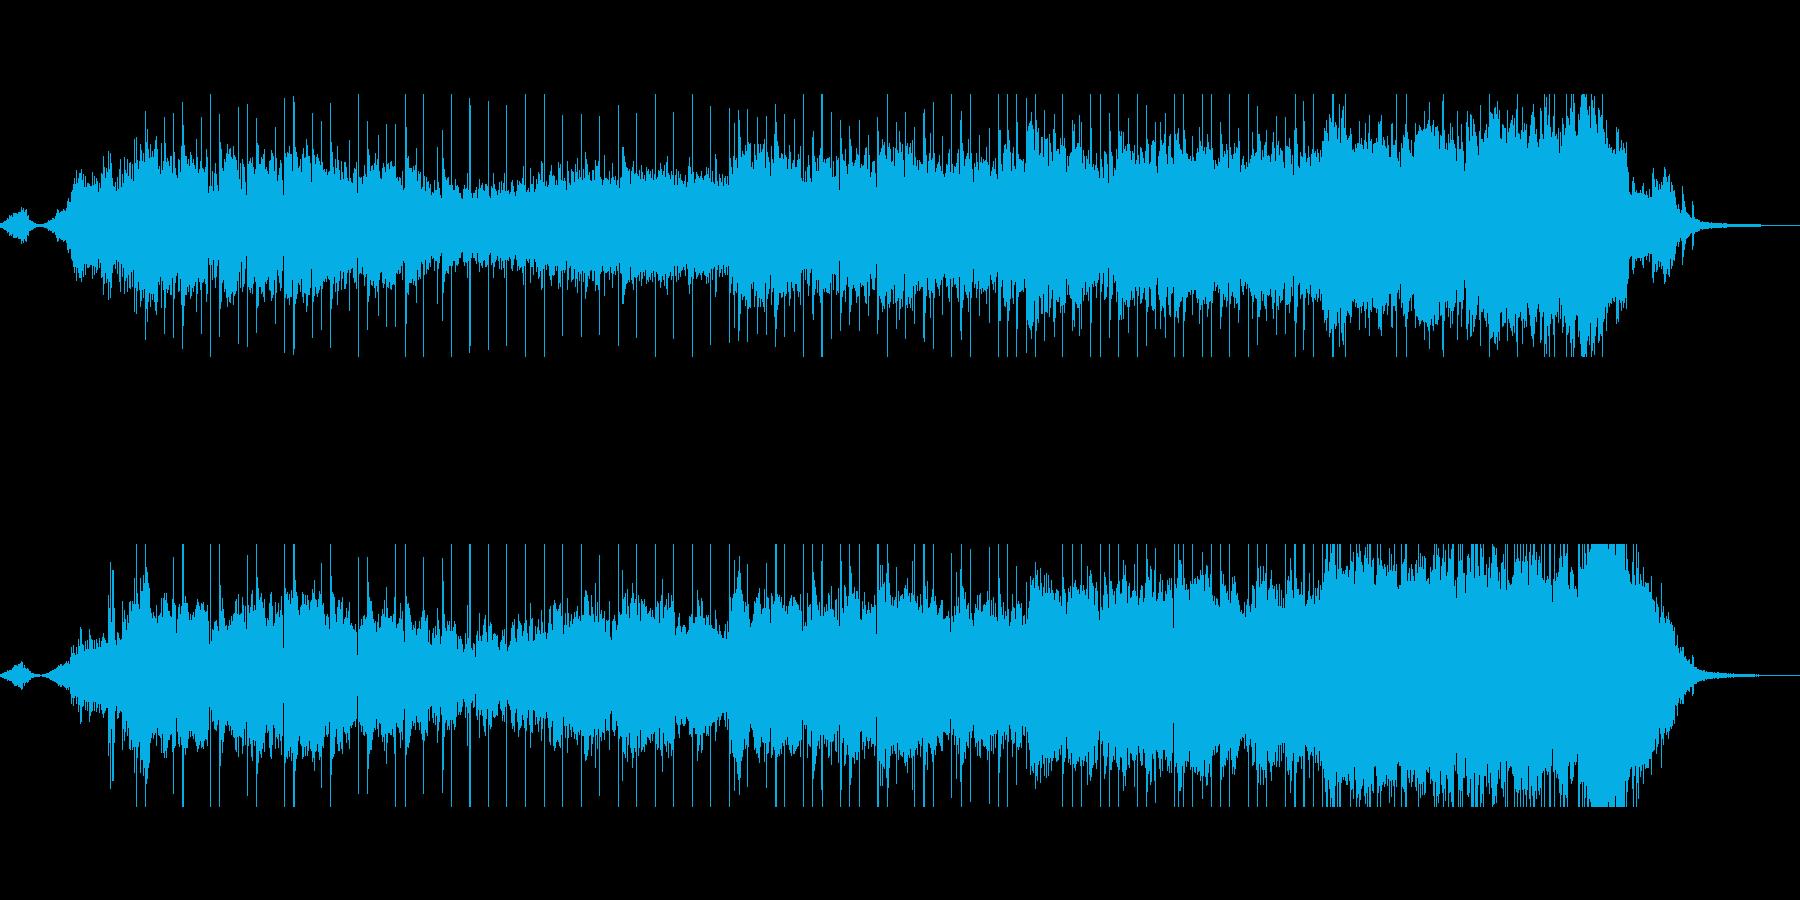 和風でセンチメンタルな ドラマ挿入曲風の再生済みの波形